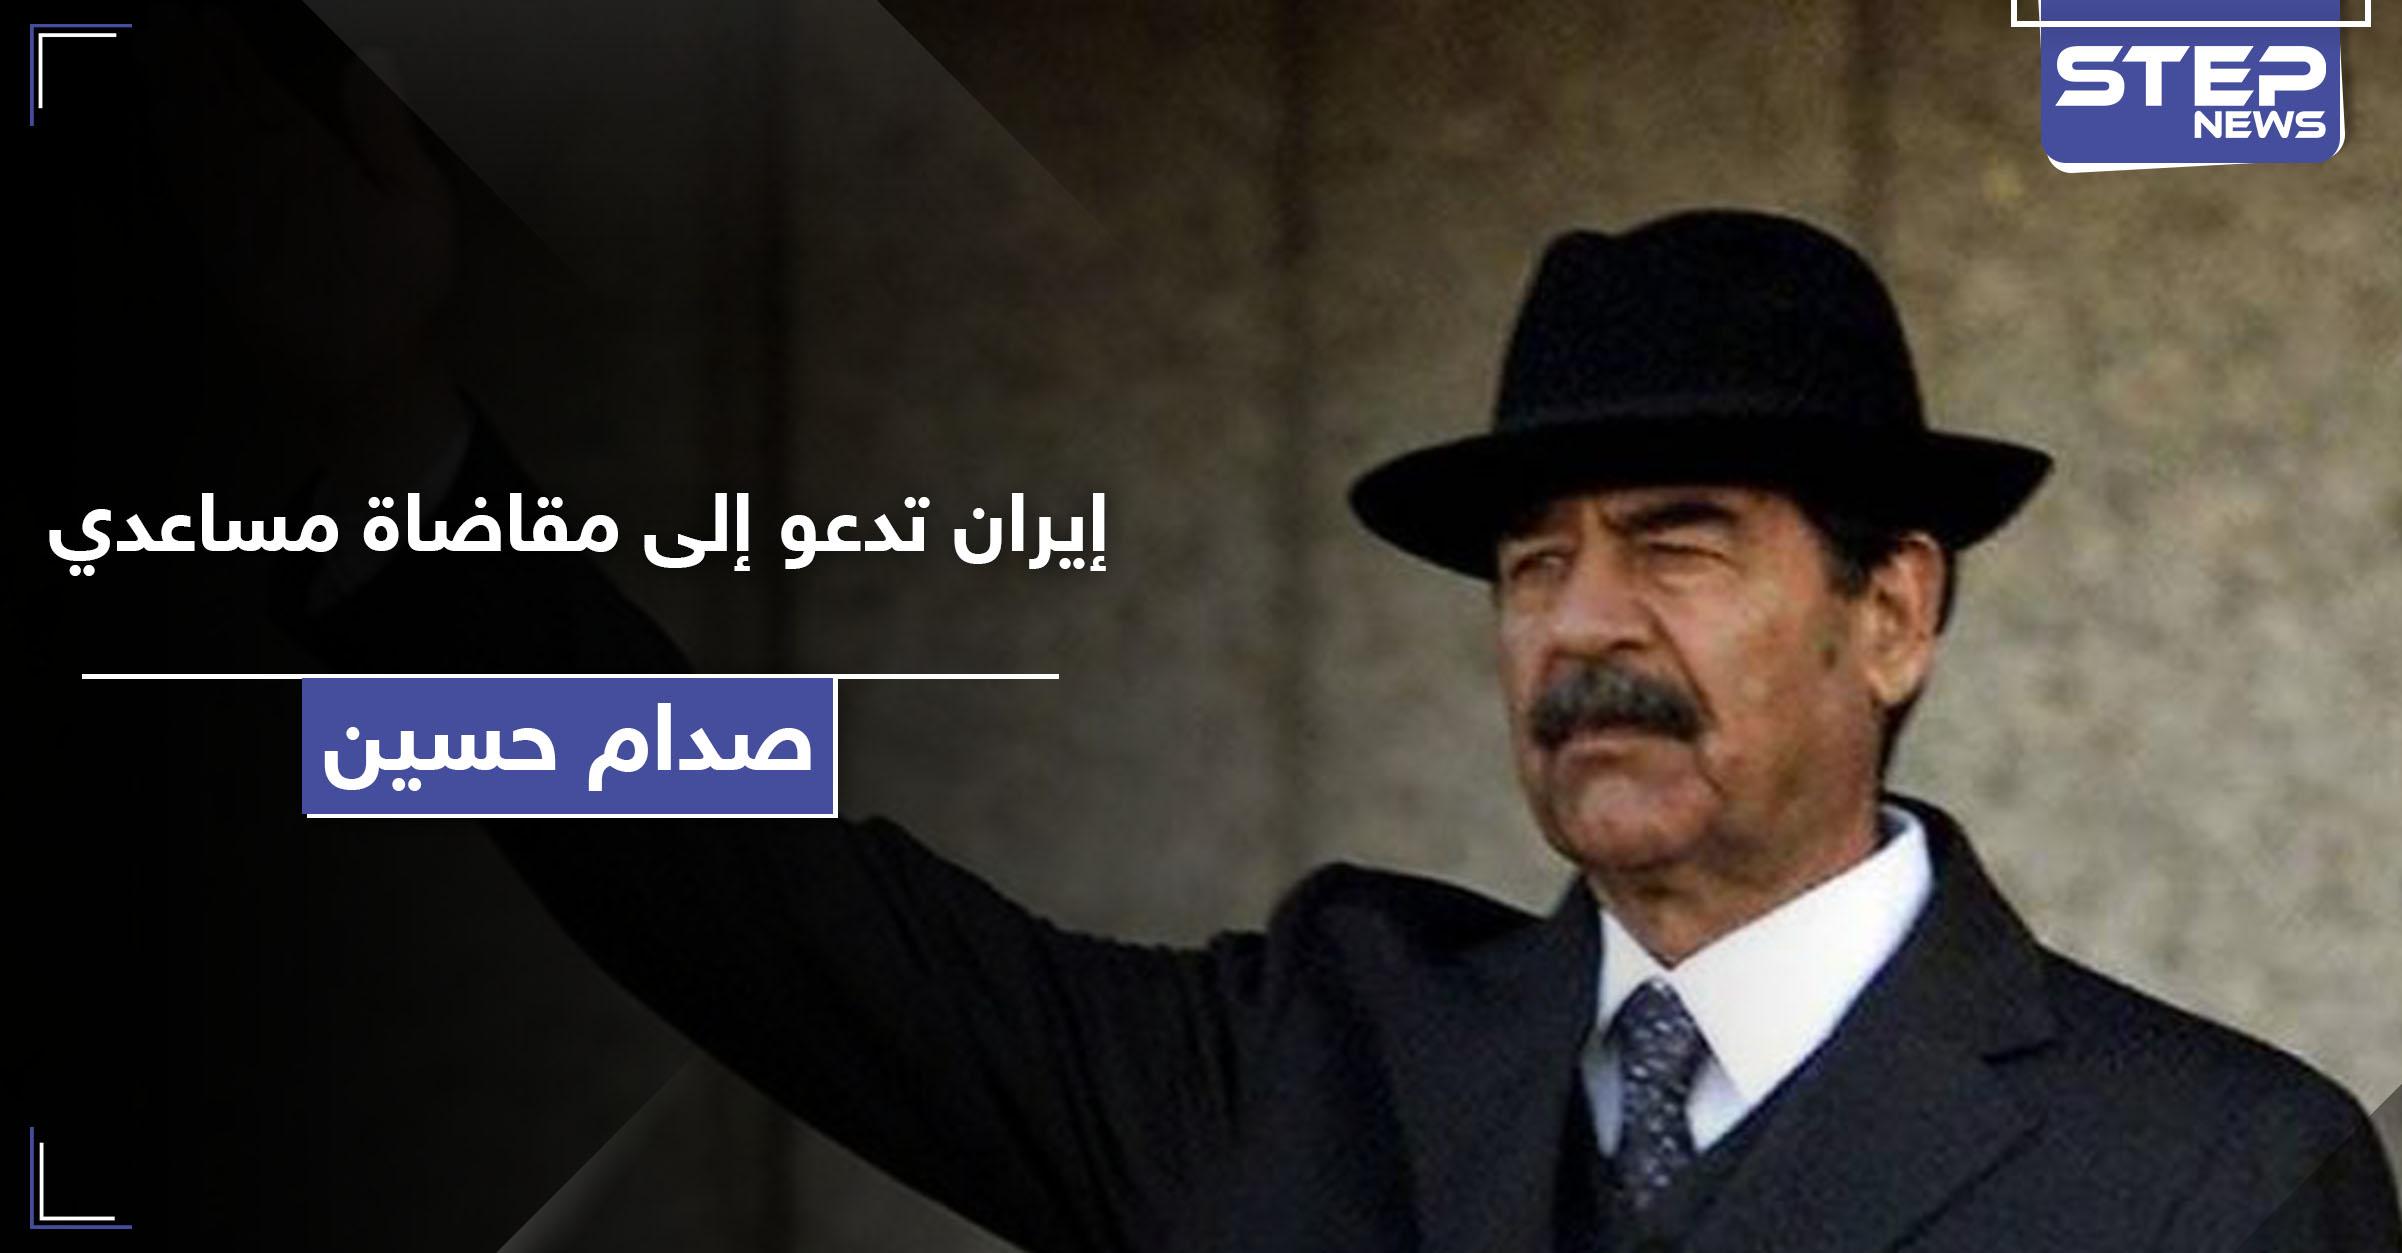 إيران تدعو لمحاسبة مساعدي صدام حسين لارتكابهم هذه الجرائم